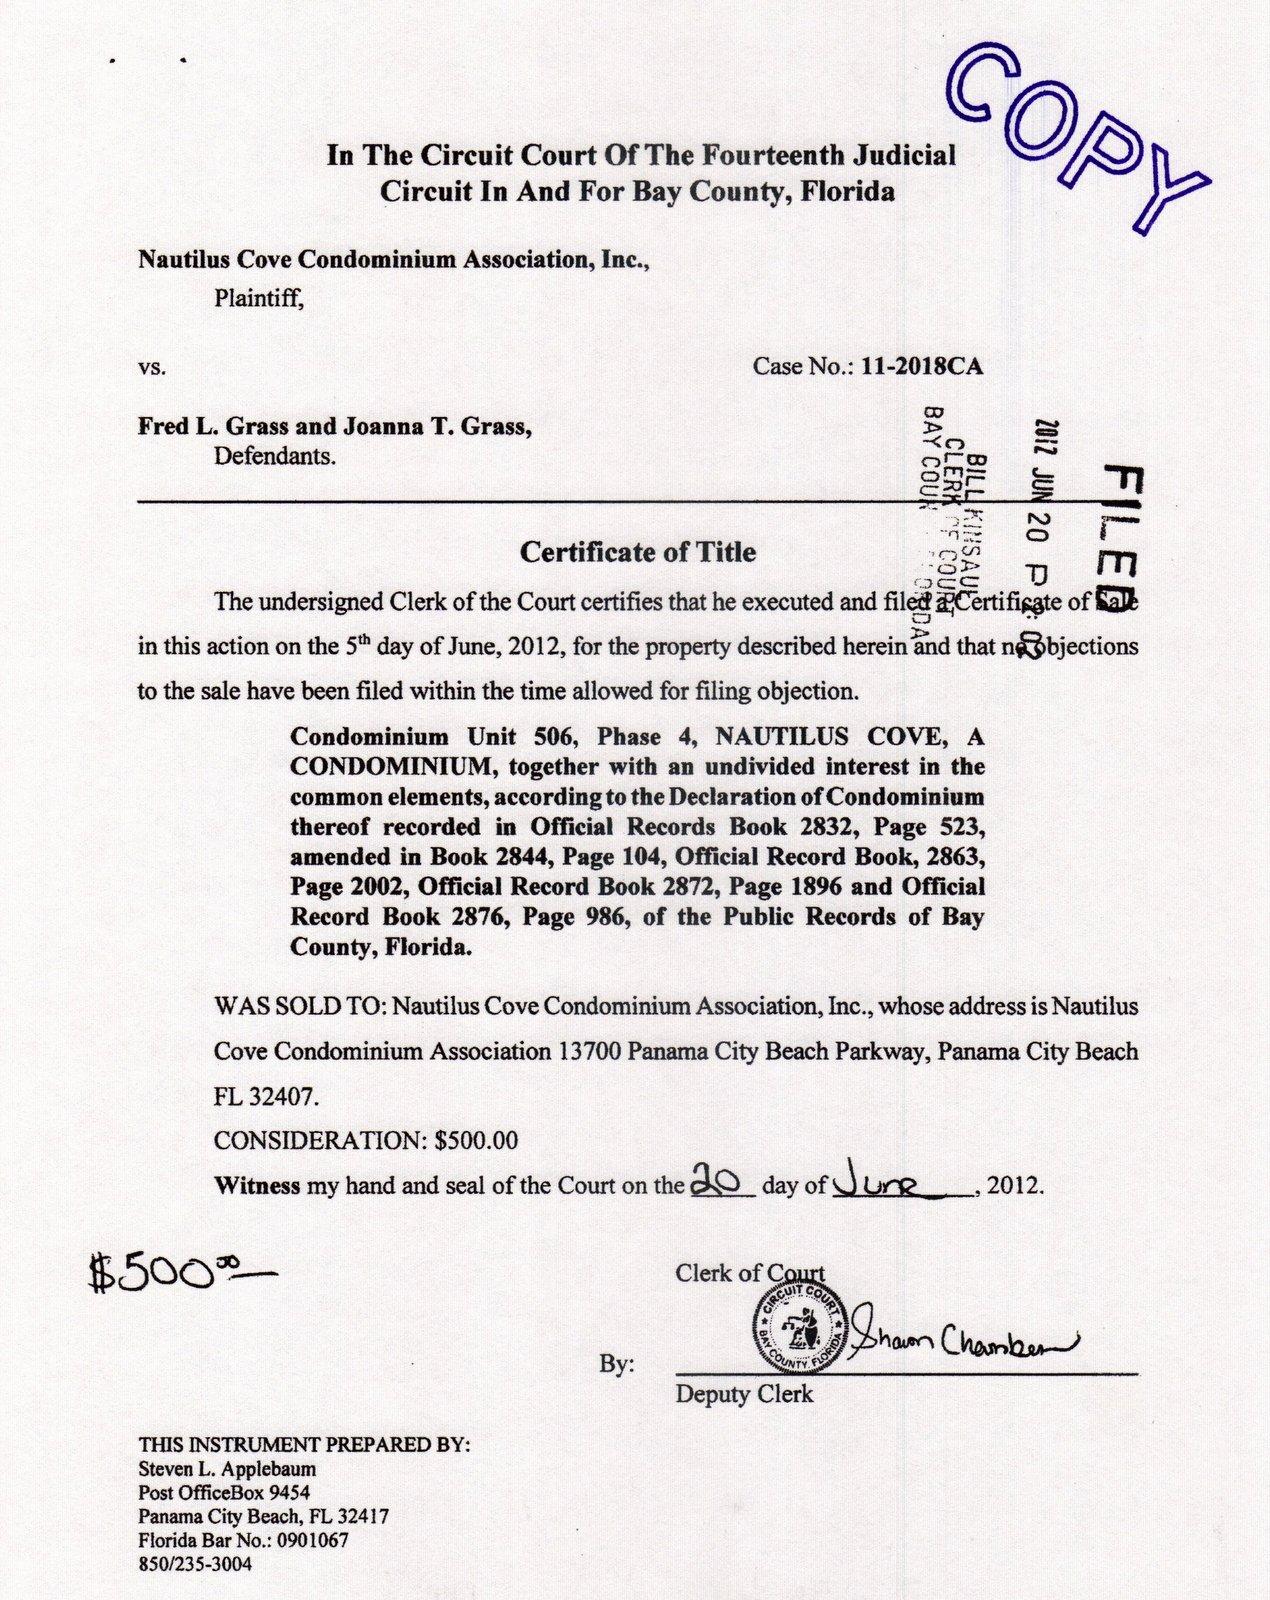 Nautilus Cove Condominium: NCC's 5 'Owned' units: